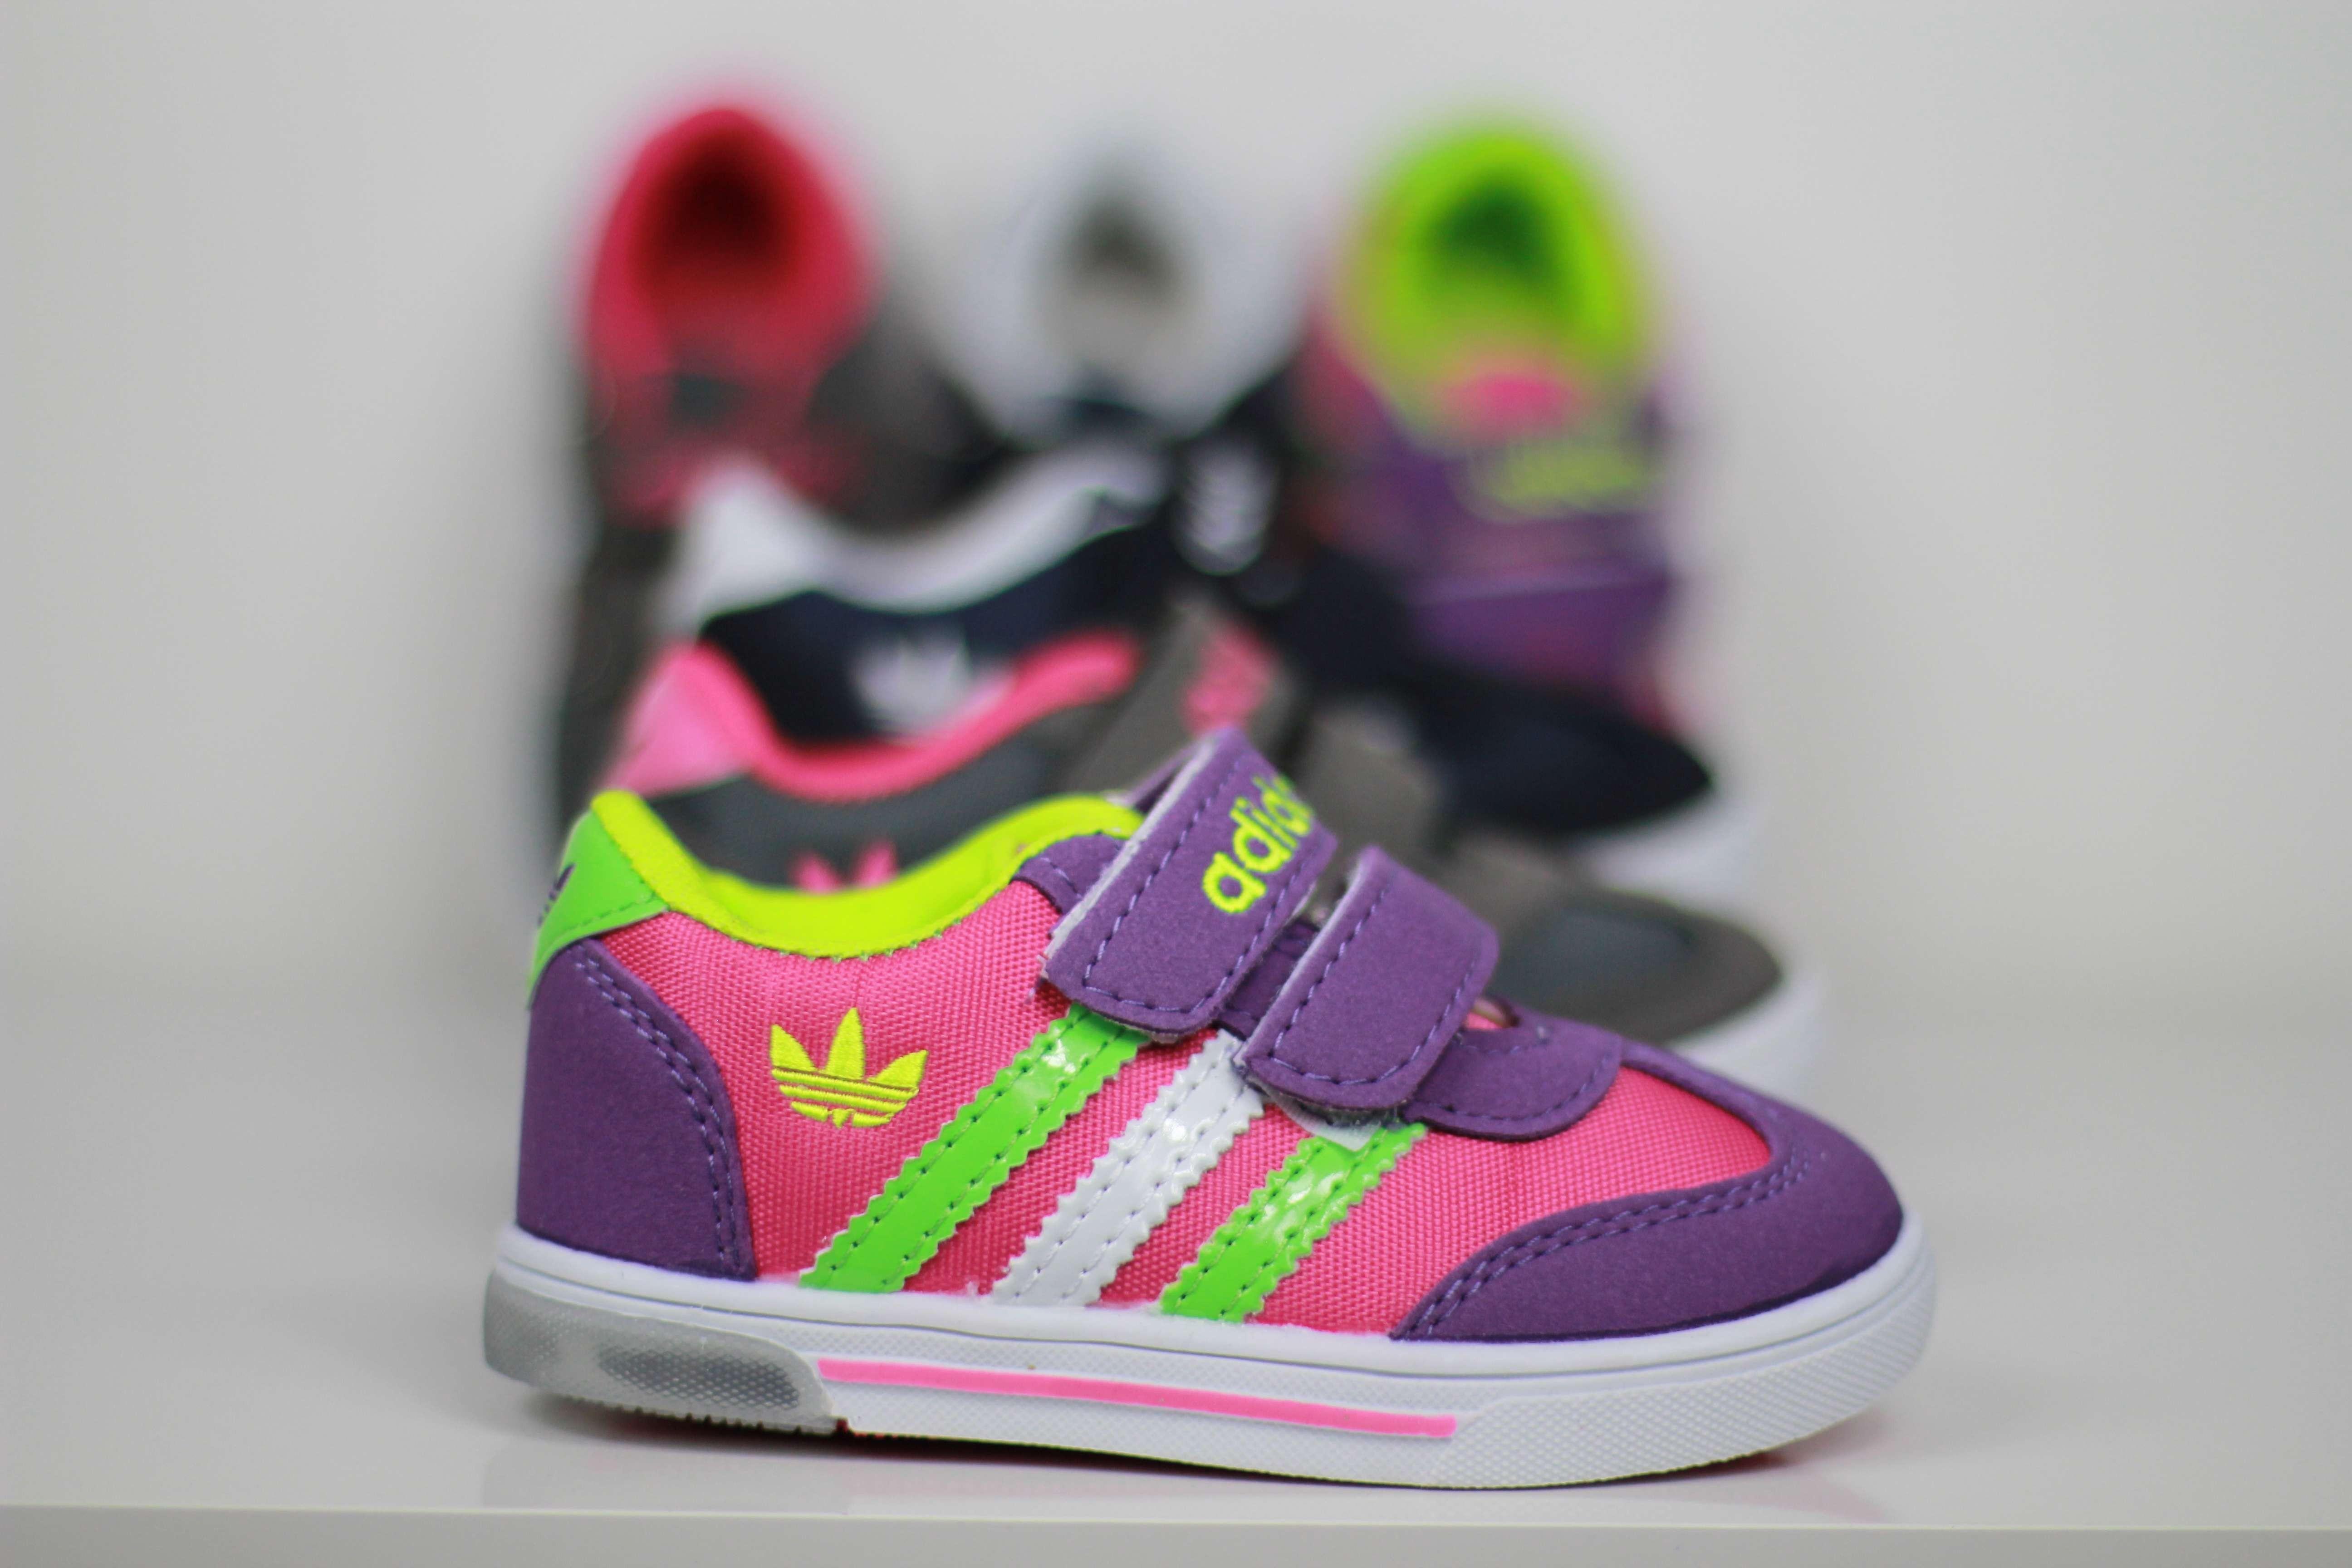 795ebc3aa Обычная обувь не подходит для активных игр и занятий спортом. Именно  поэтому детская спортивная обувь должна быть в гардеробе у ребенка.